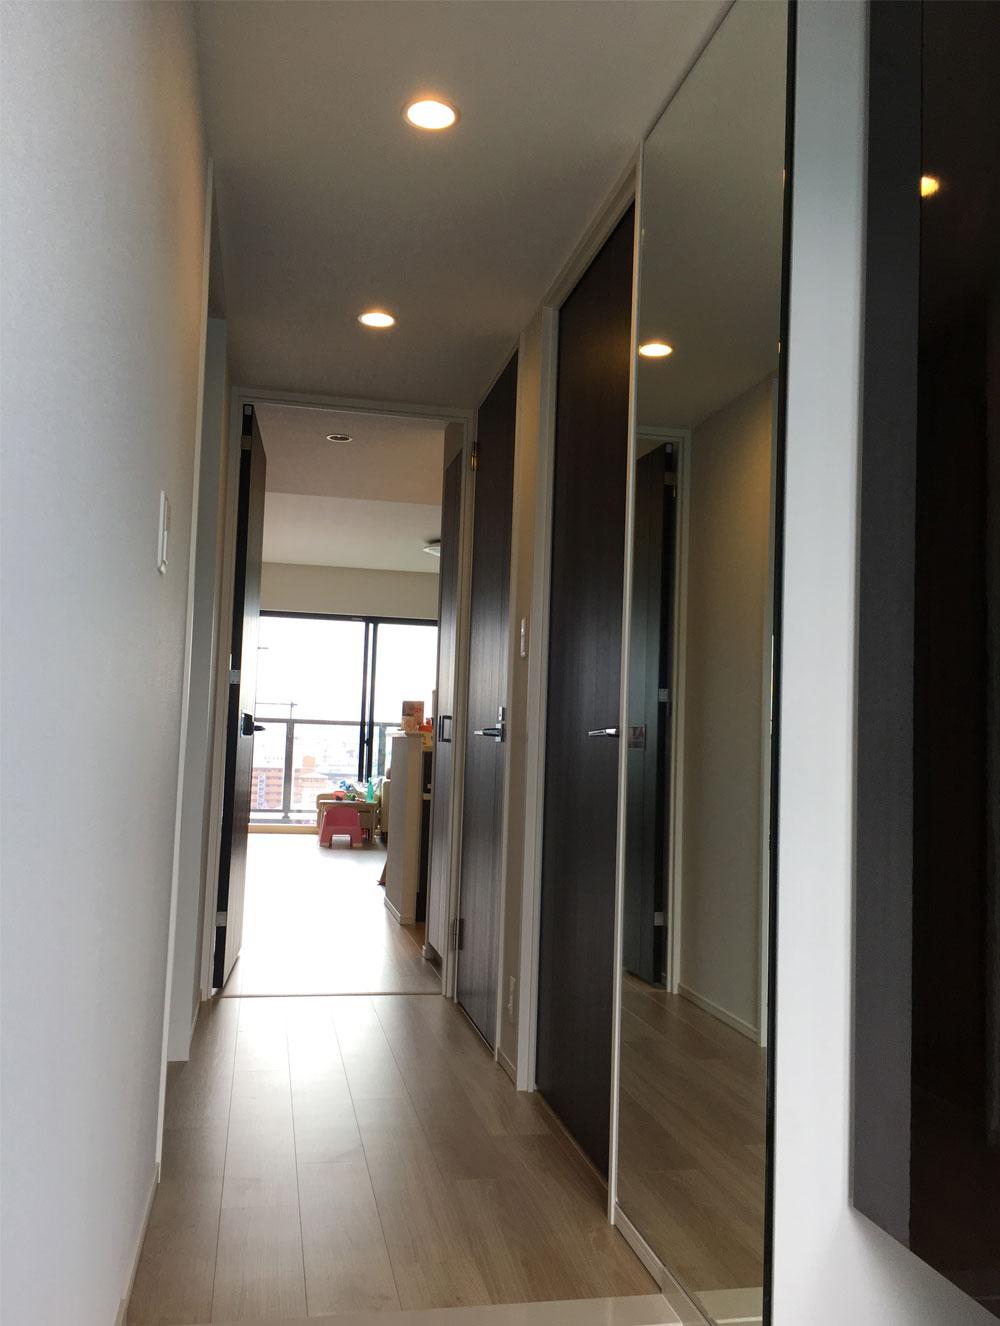 大阪のマンションにて玄関の壁面に全身ミラーを設置いたしました